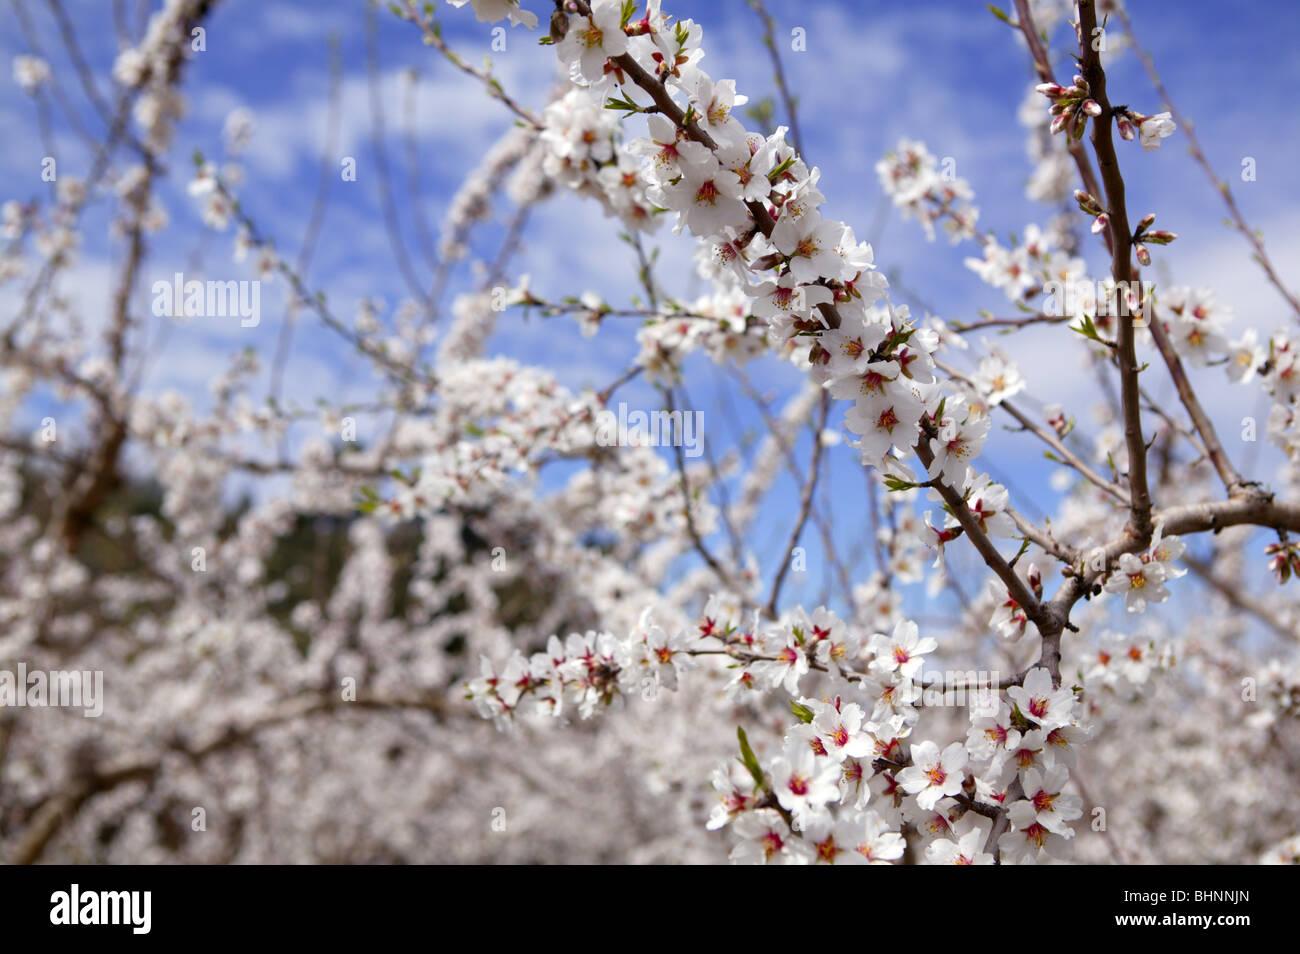 Almond flower trees field in spring season pink white flowers stock almond flower trees field in spring season pink white flowers mightylinksfo Gallery